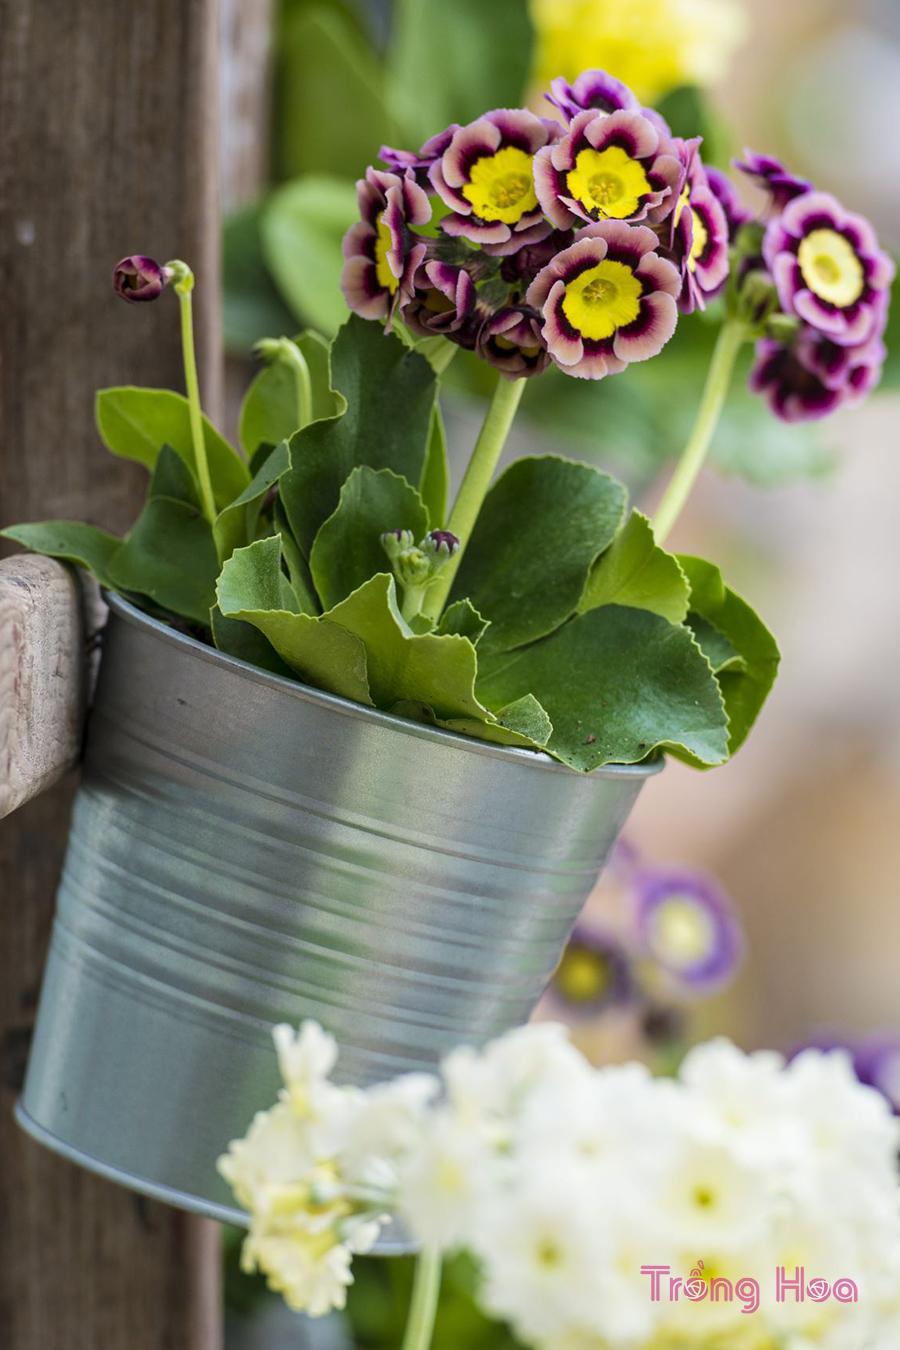 Hoa tai gấu- Primula auricula